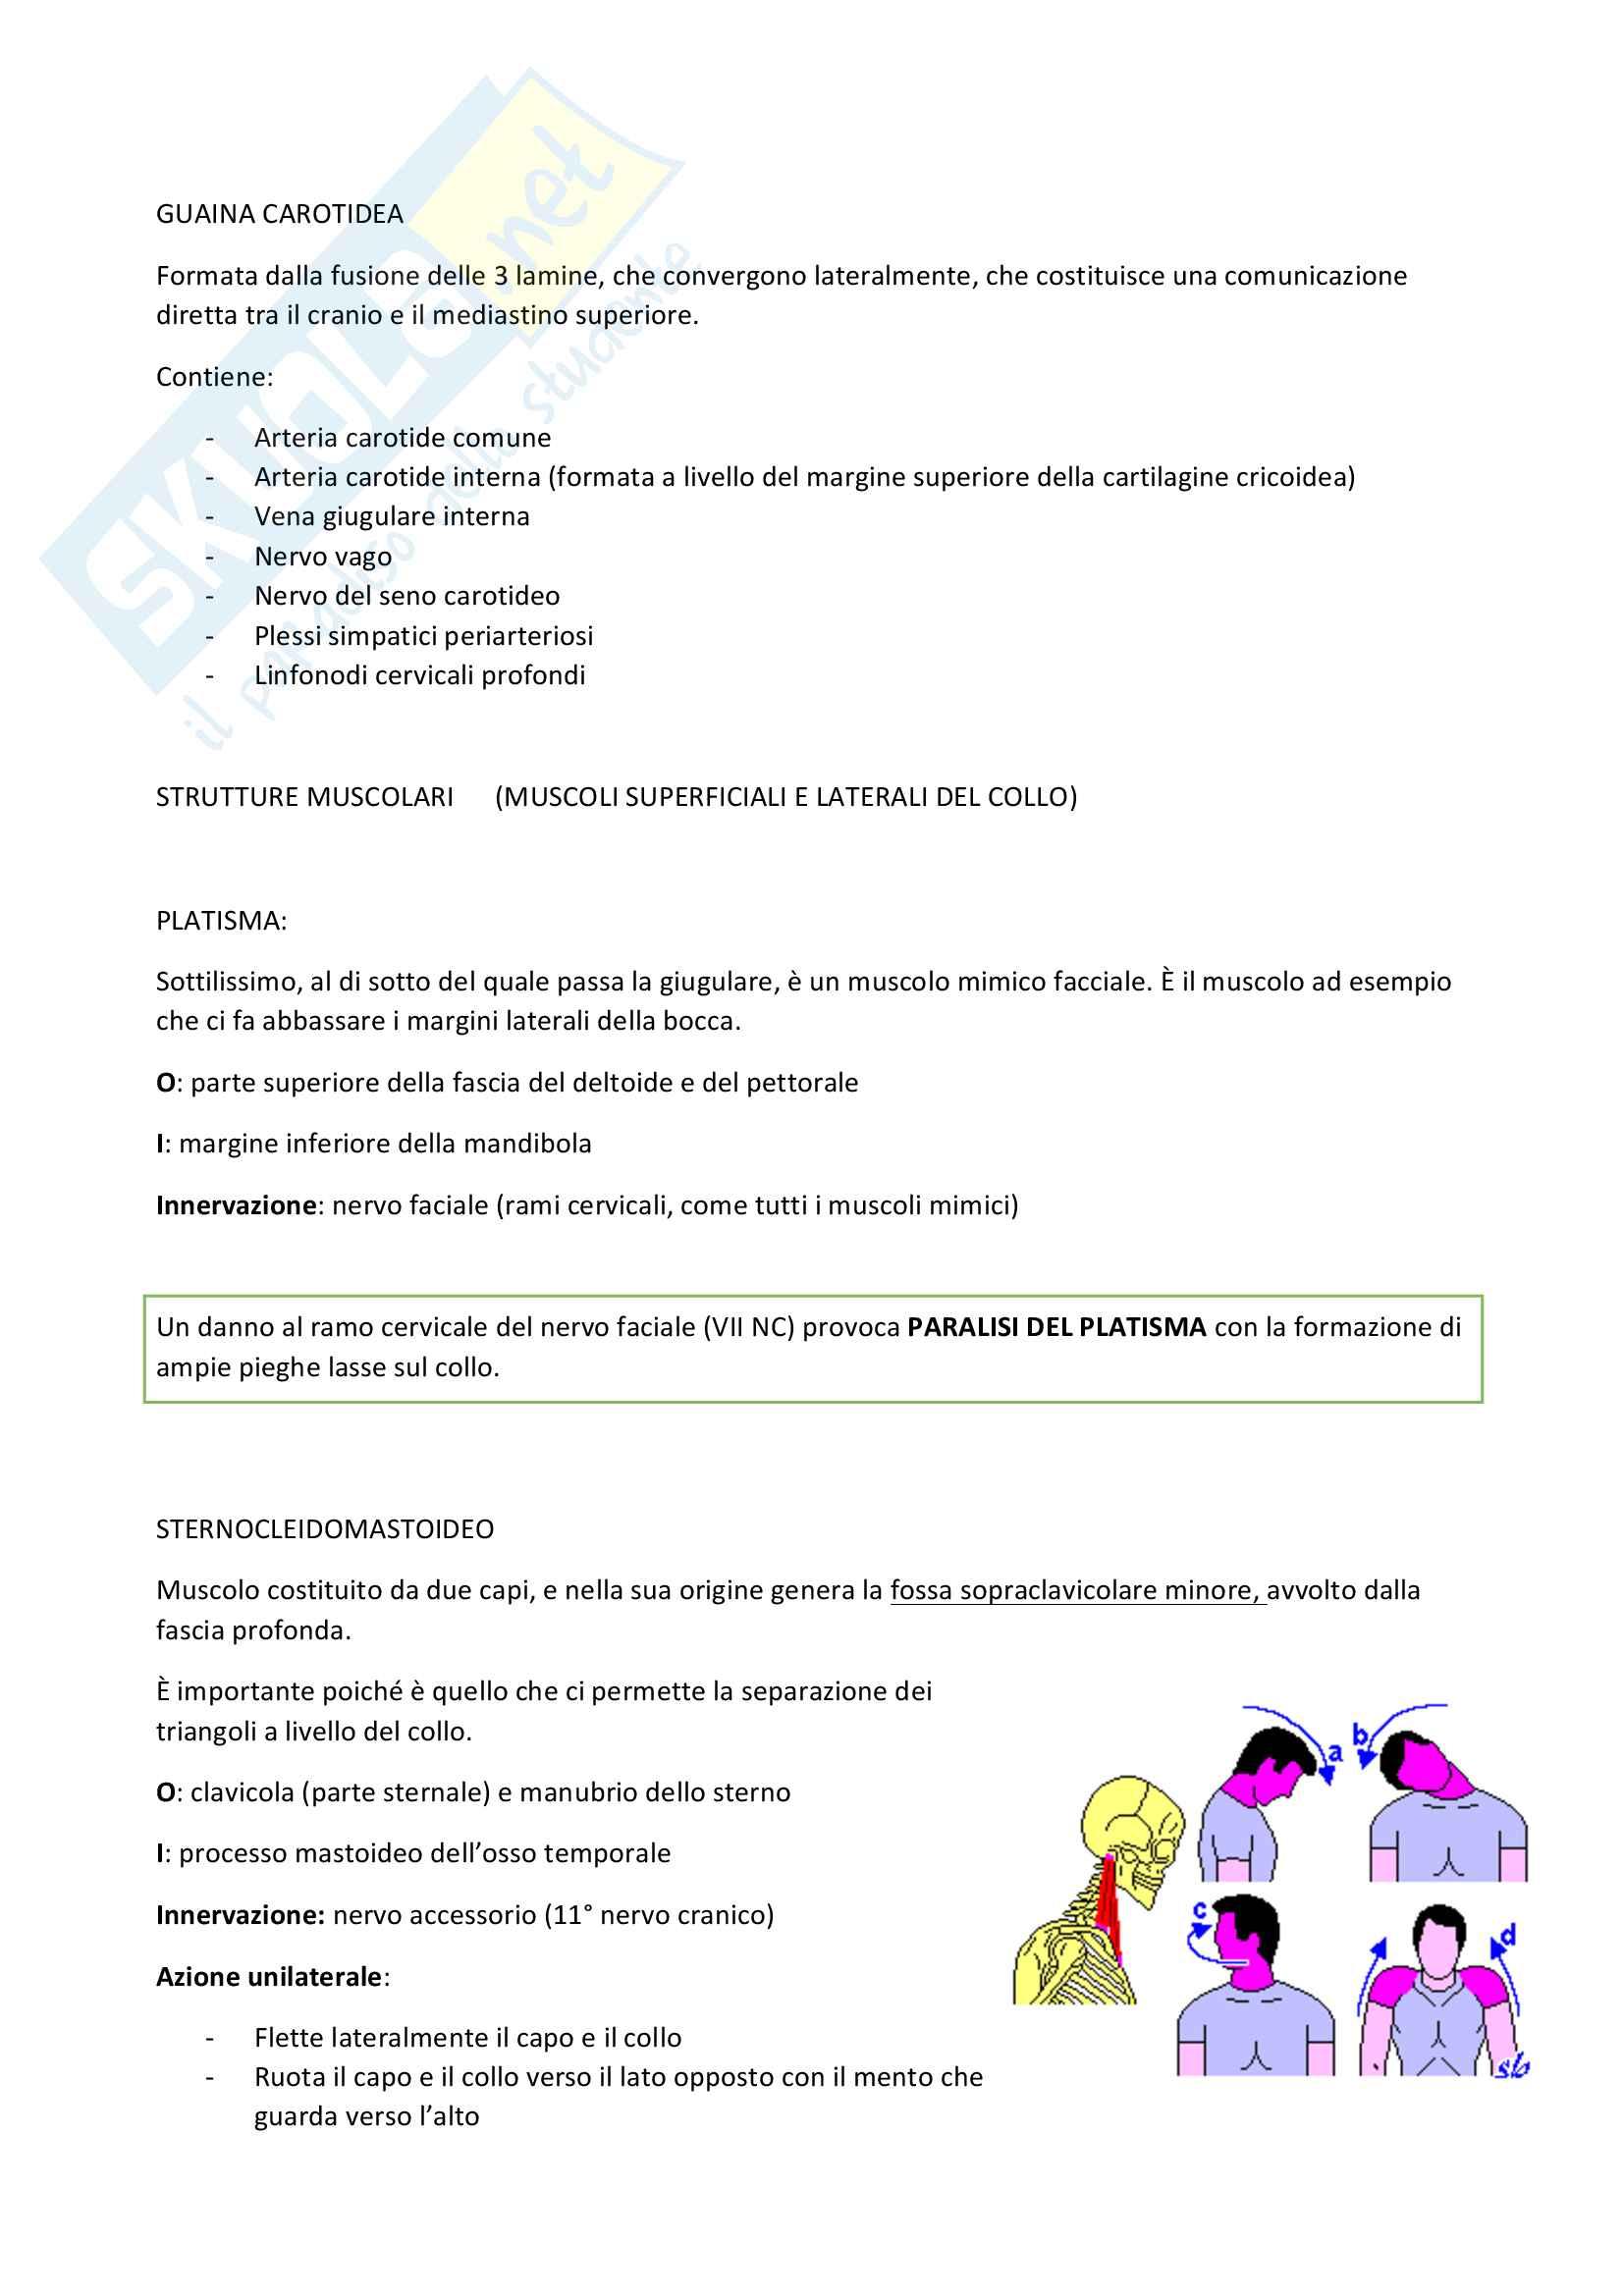 Appunti Anatomia - Collo Pag. 6